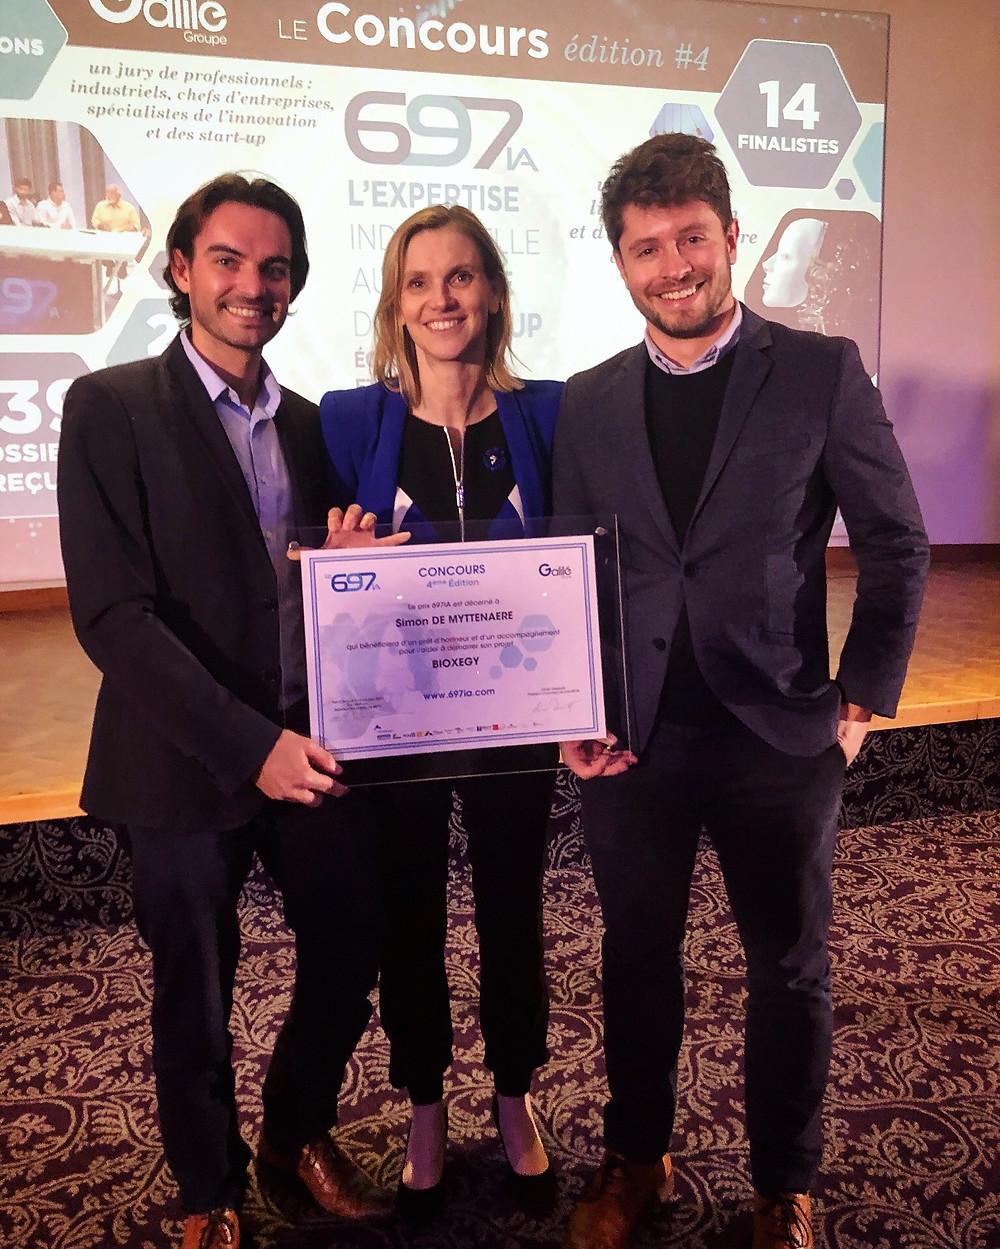 Agnès Pannier-Runacher, Secrétaire d'État à l'Industrie, remettait le premier prix du concours d'innovation à Bioxegy pour son action dans le biomimétisme